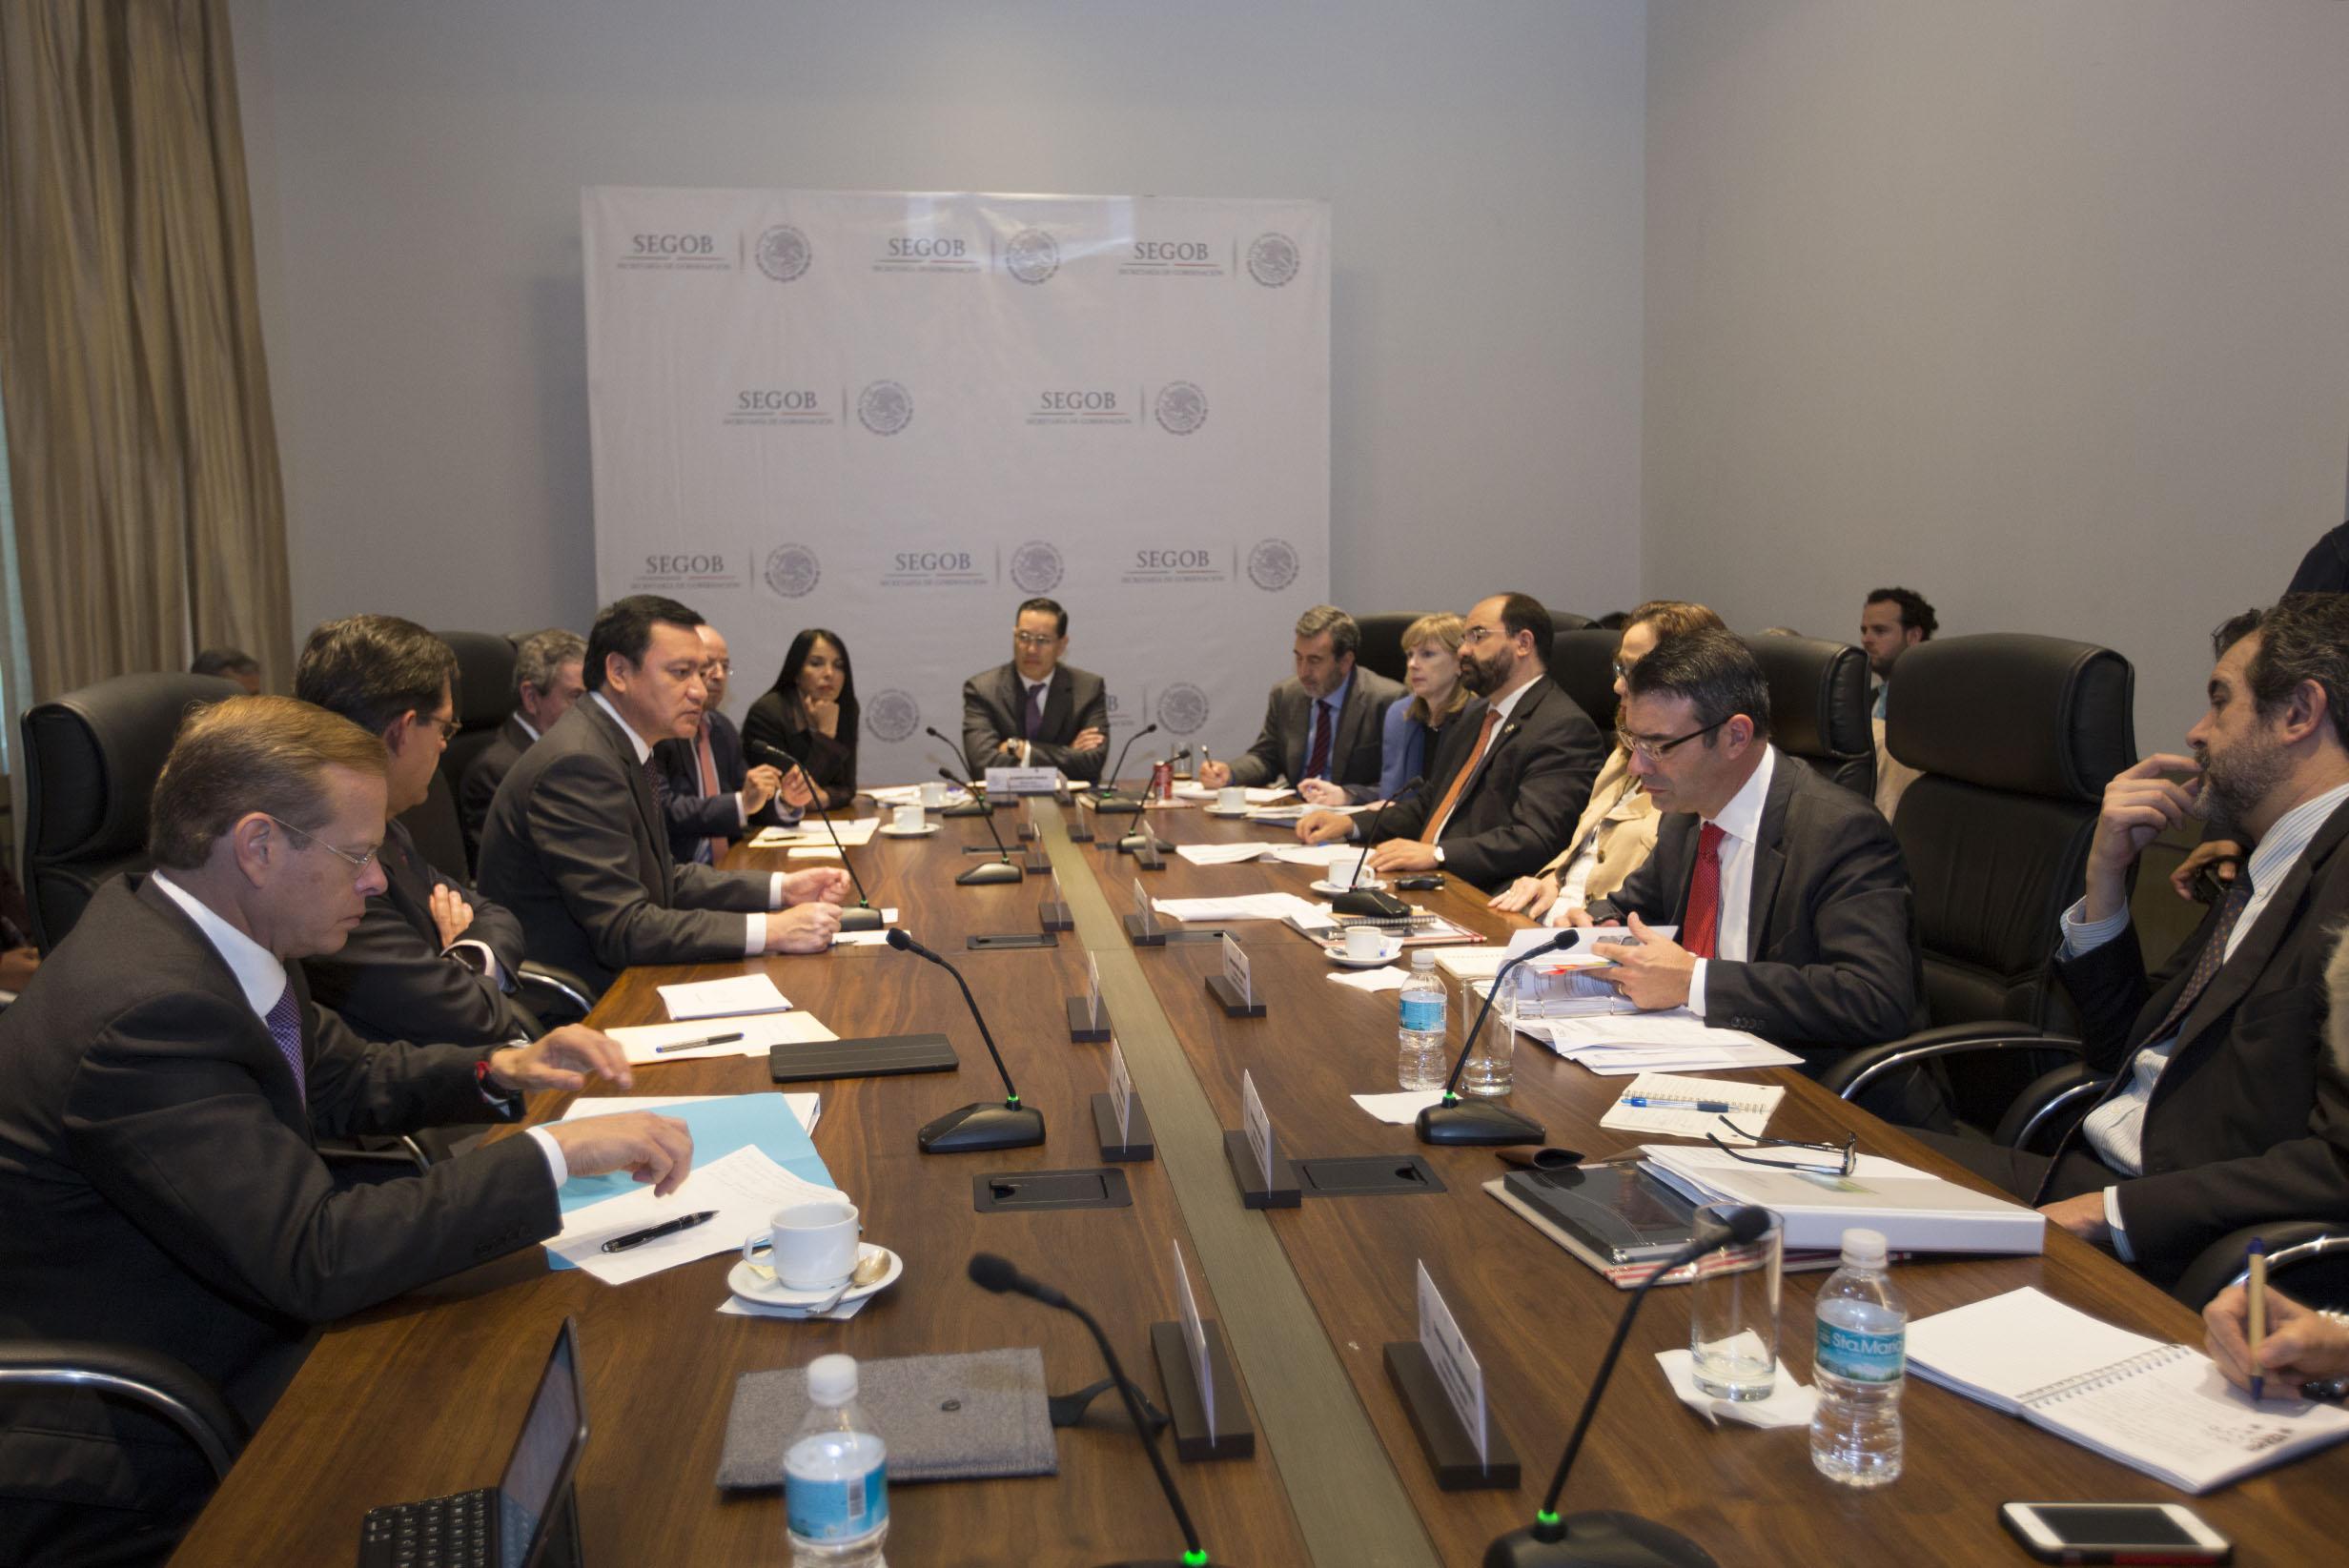 El Secretario de Gobernación, Miguel Ángel Osorio Chong, se reunió con el pleno de la Comisión Interamericana de Derechos Humanos en las instalaciones de esta dependencia